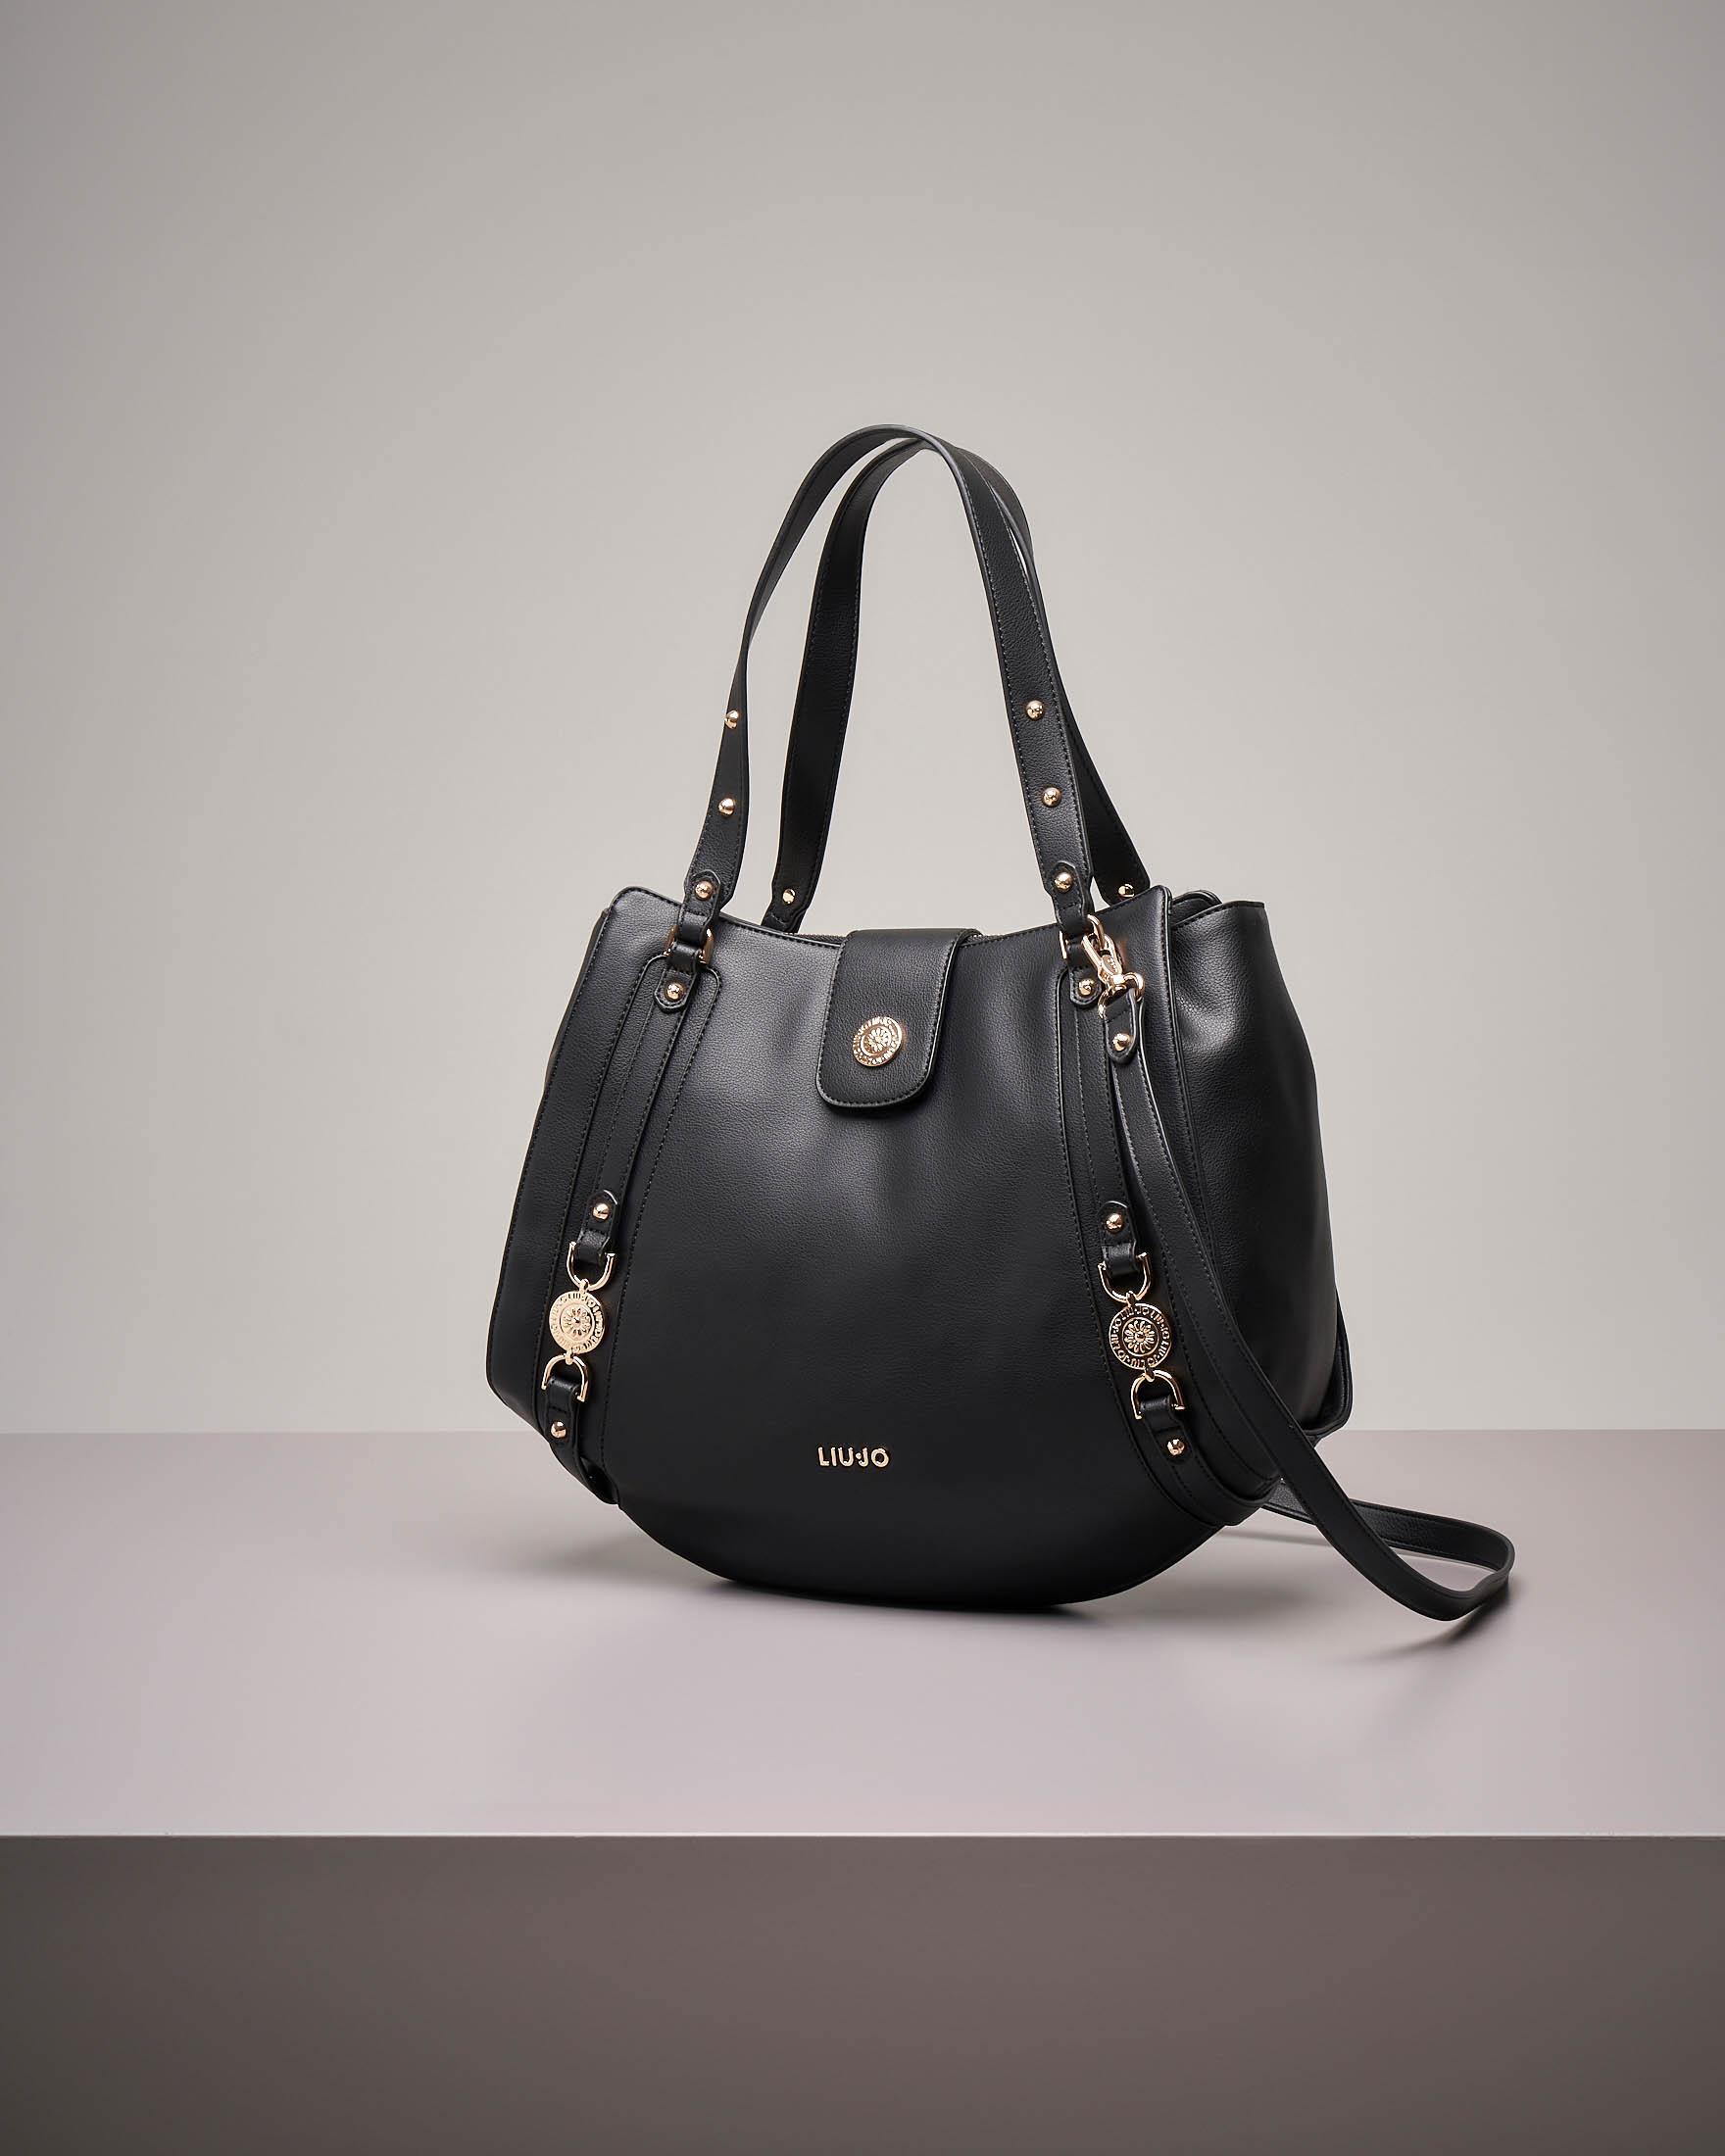 It bag colore nero con decori gioiello